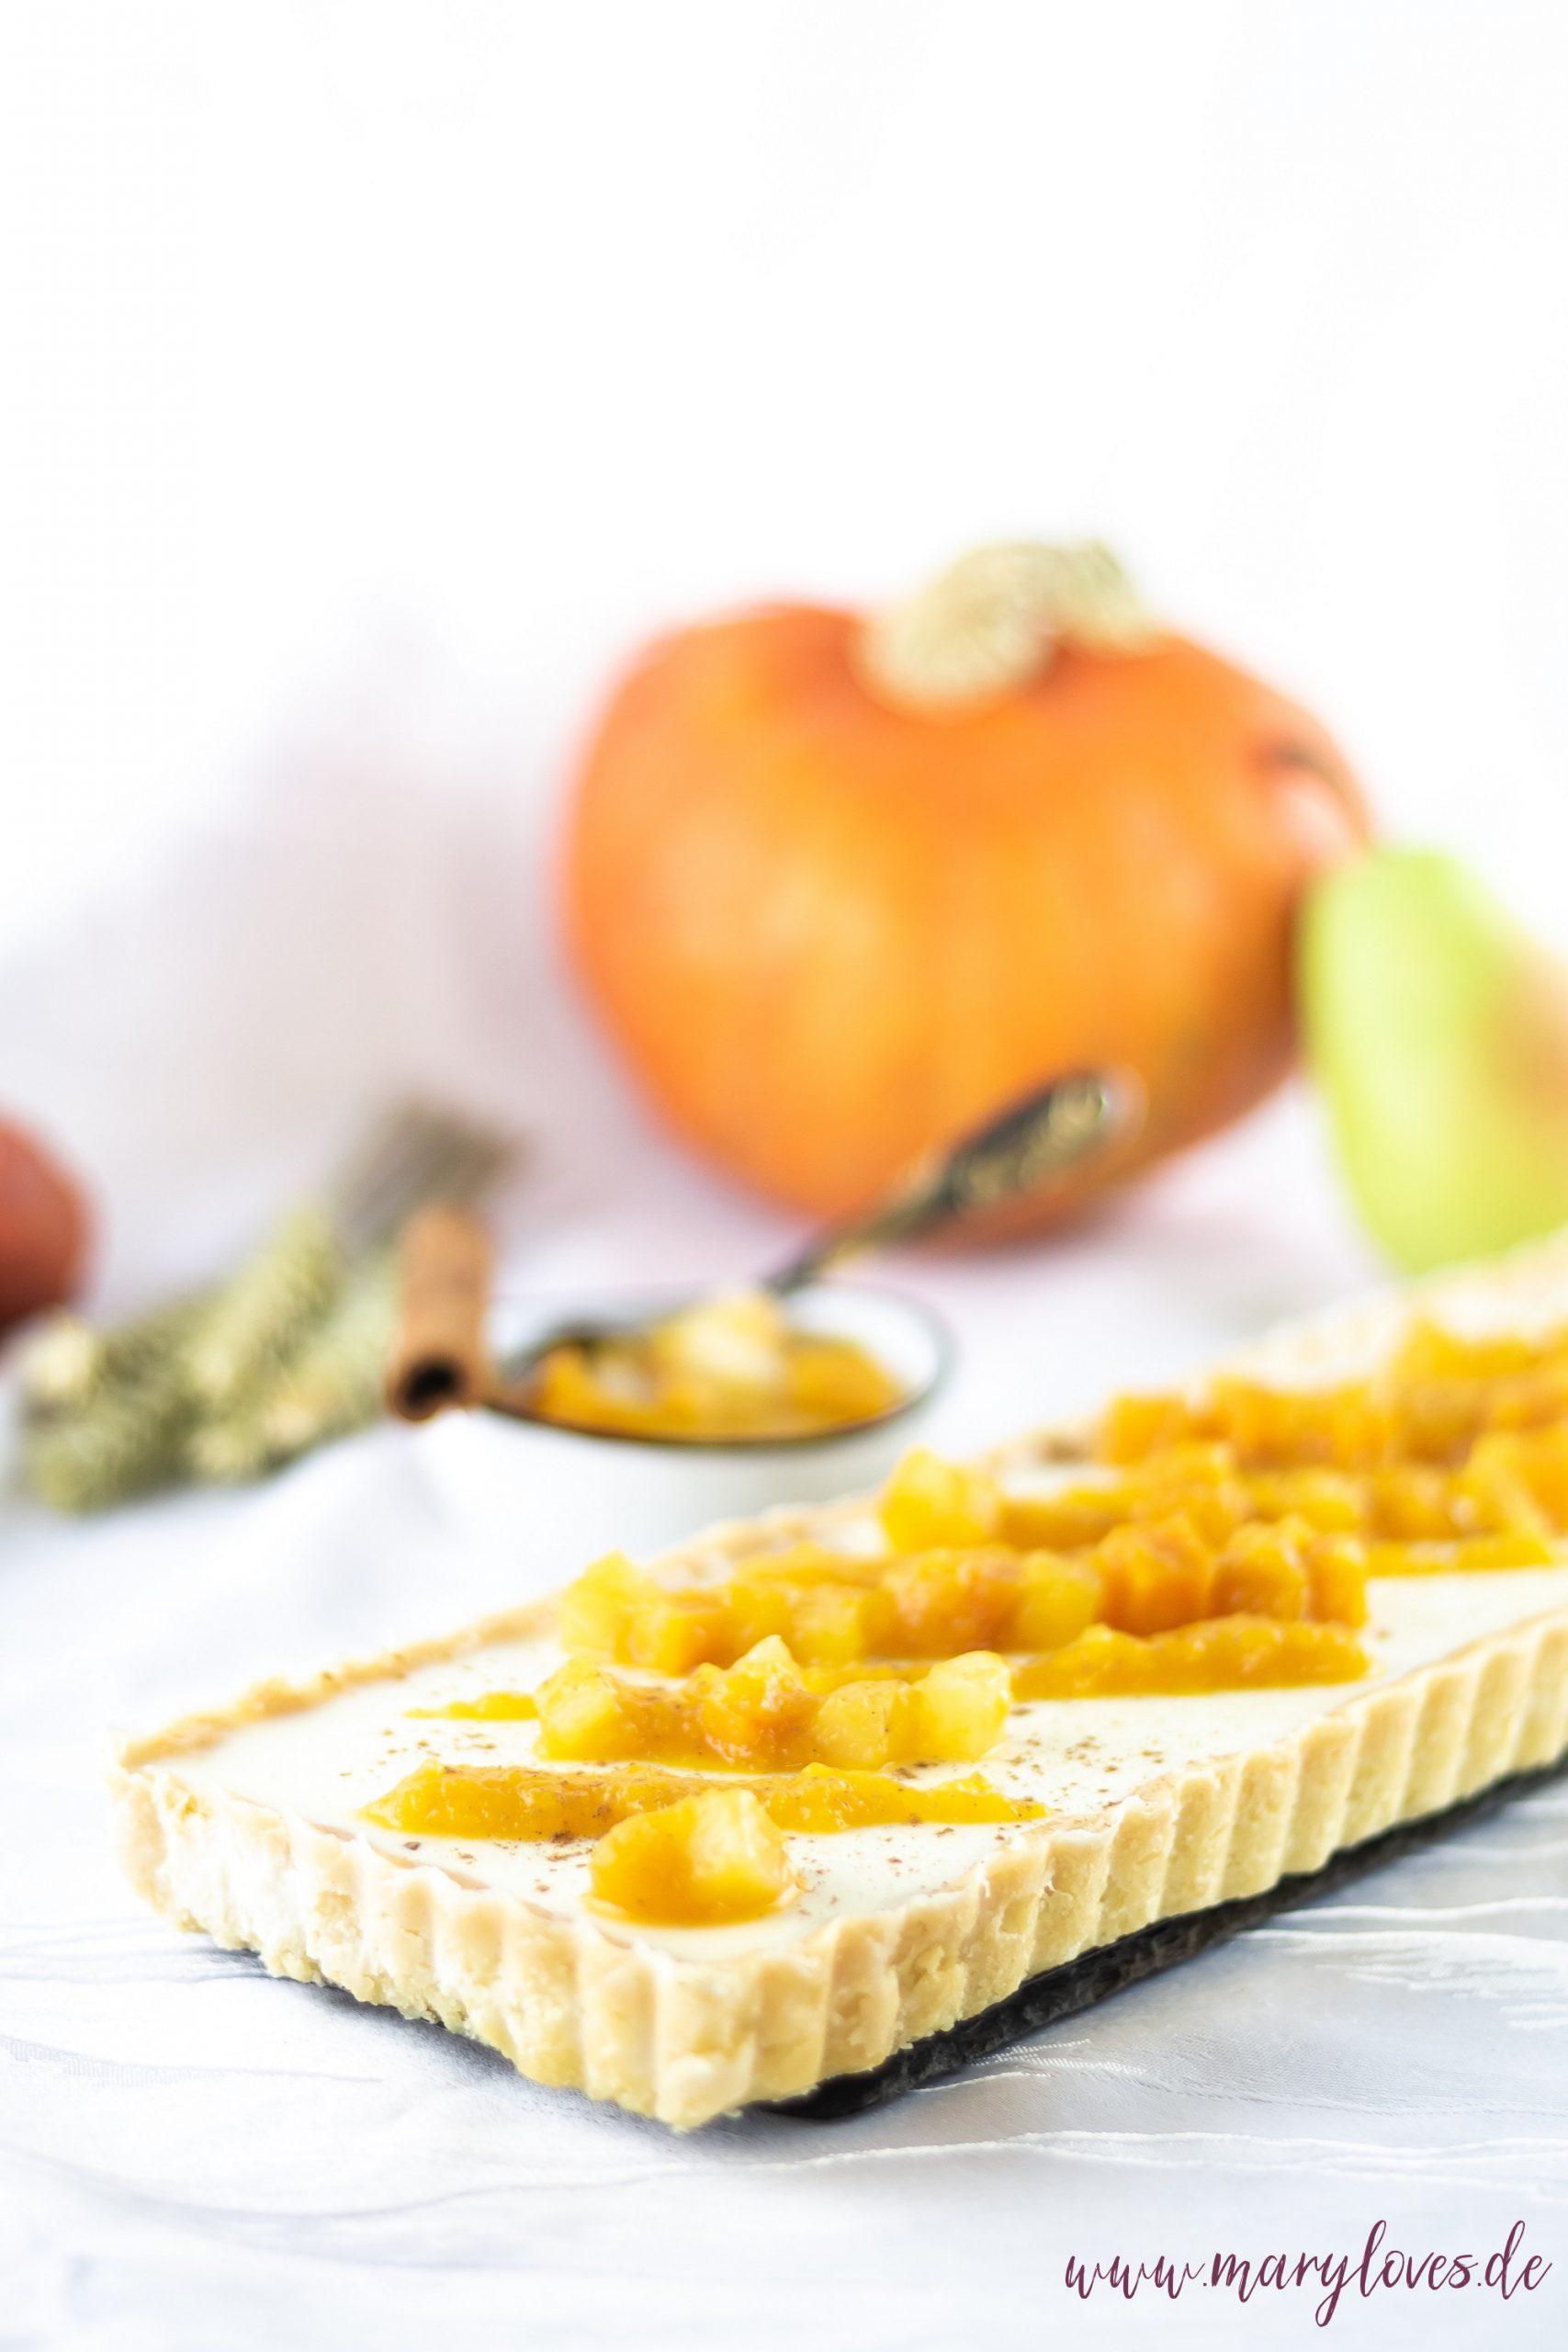 Herbstlicher Kuchen mit Honig-Zimt-Panna Cotta und Kürbis-Birnen-Kompott